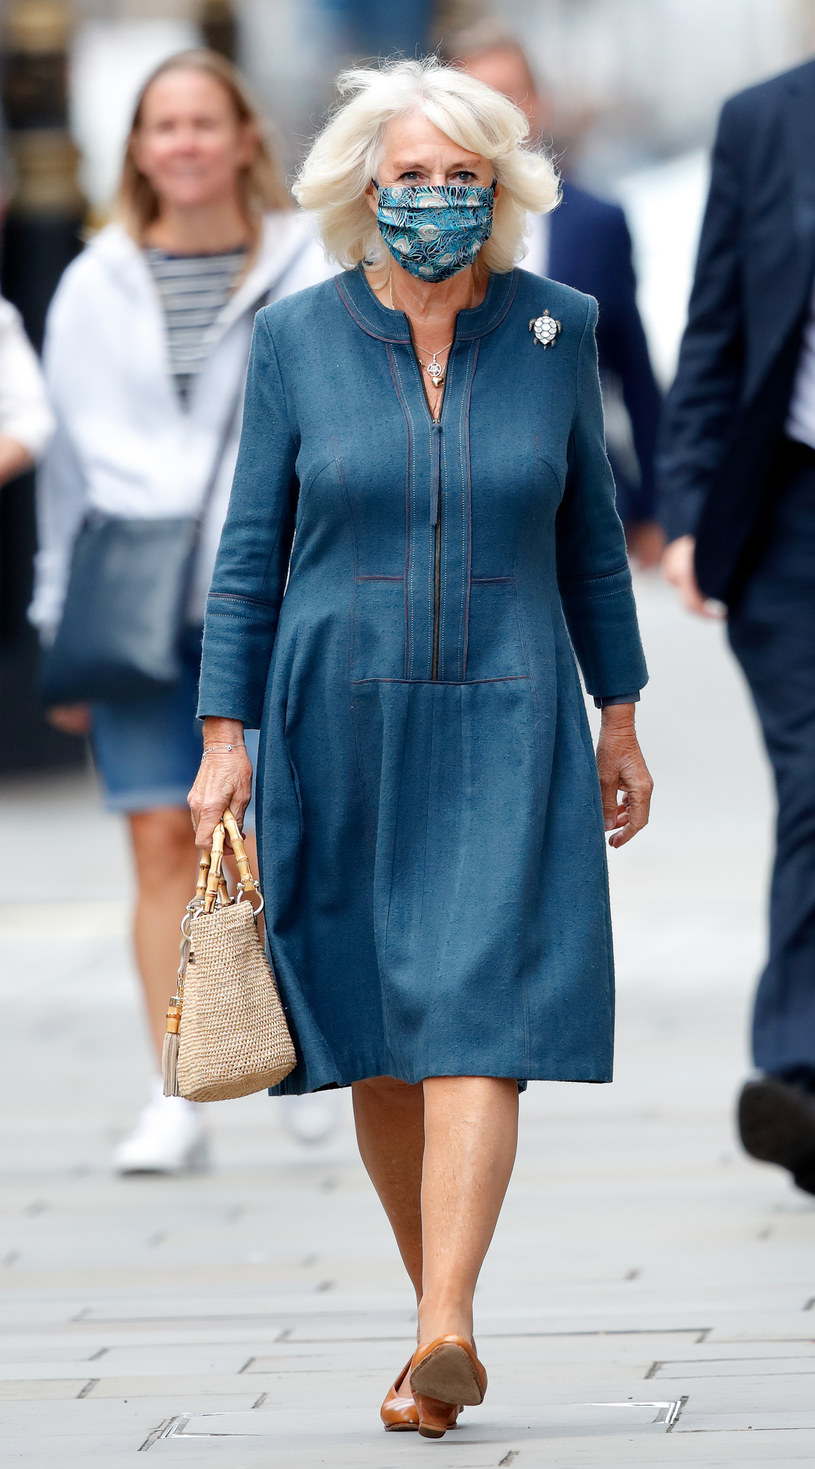 Księżna Kamila zwraca uwagę na niezabudowaną górą i podkreślony biust. Oto idealny look na co dzień /Getty Images